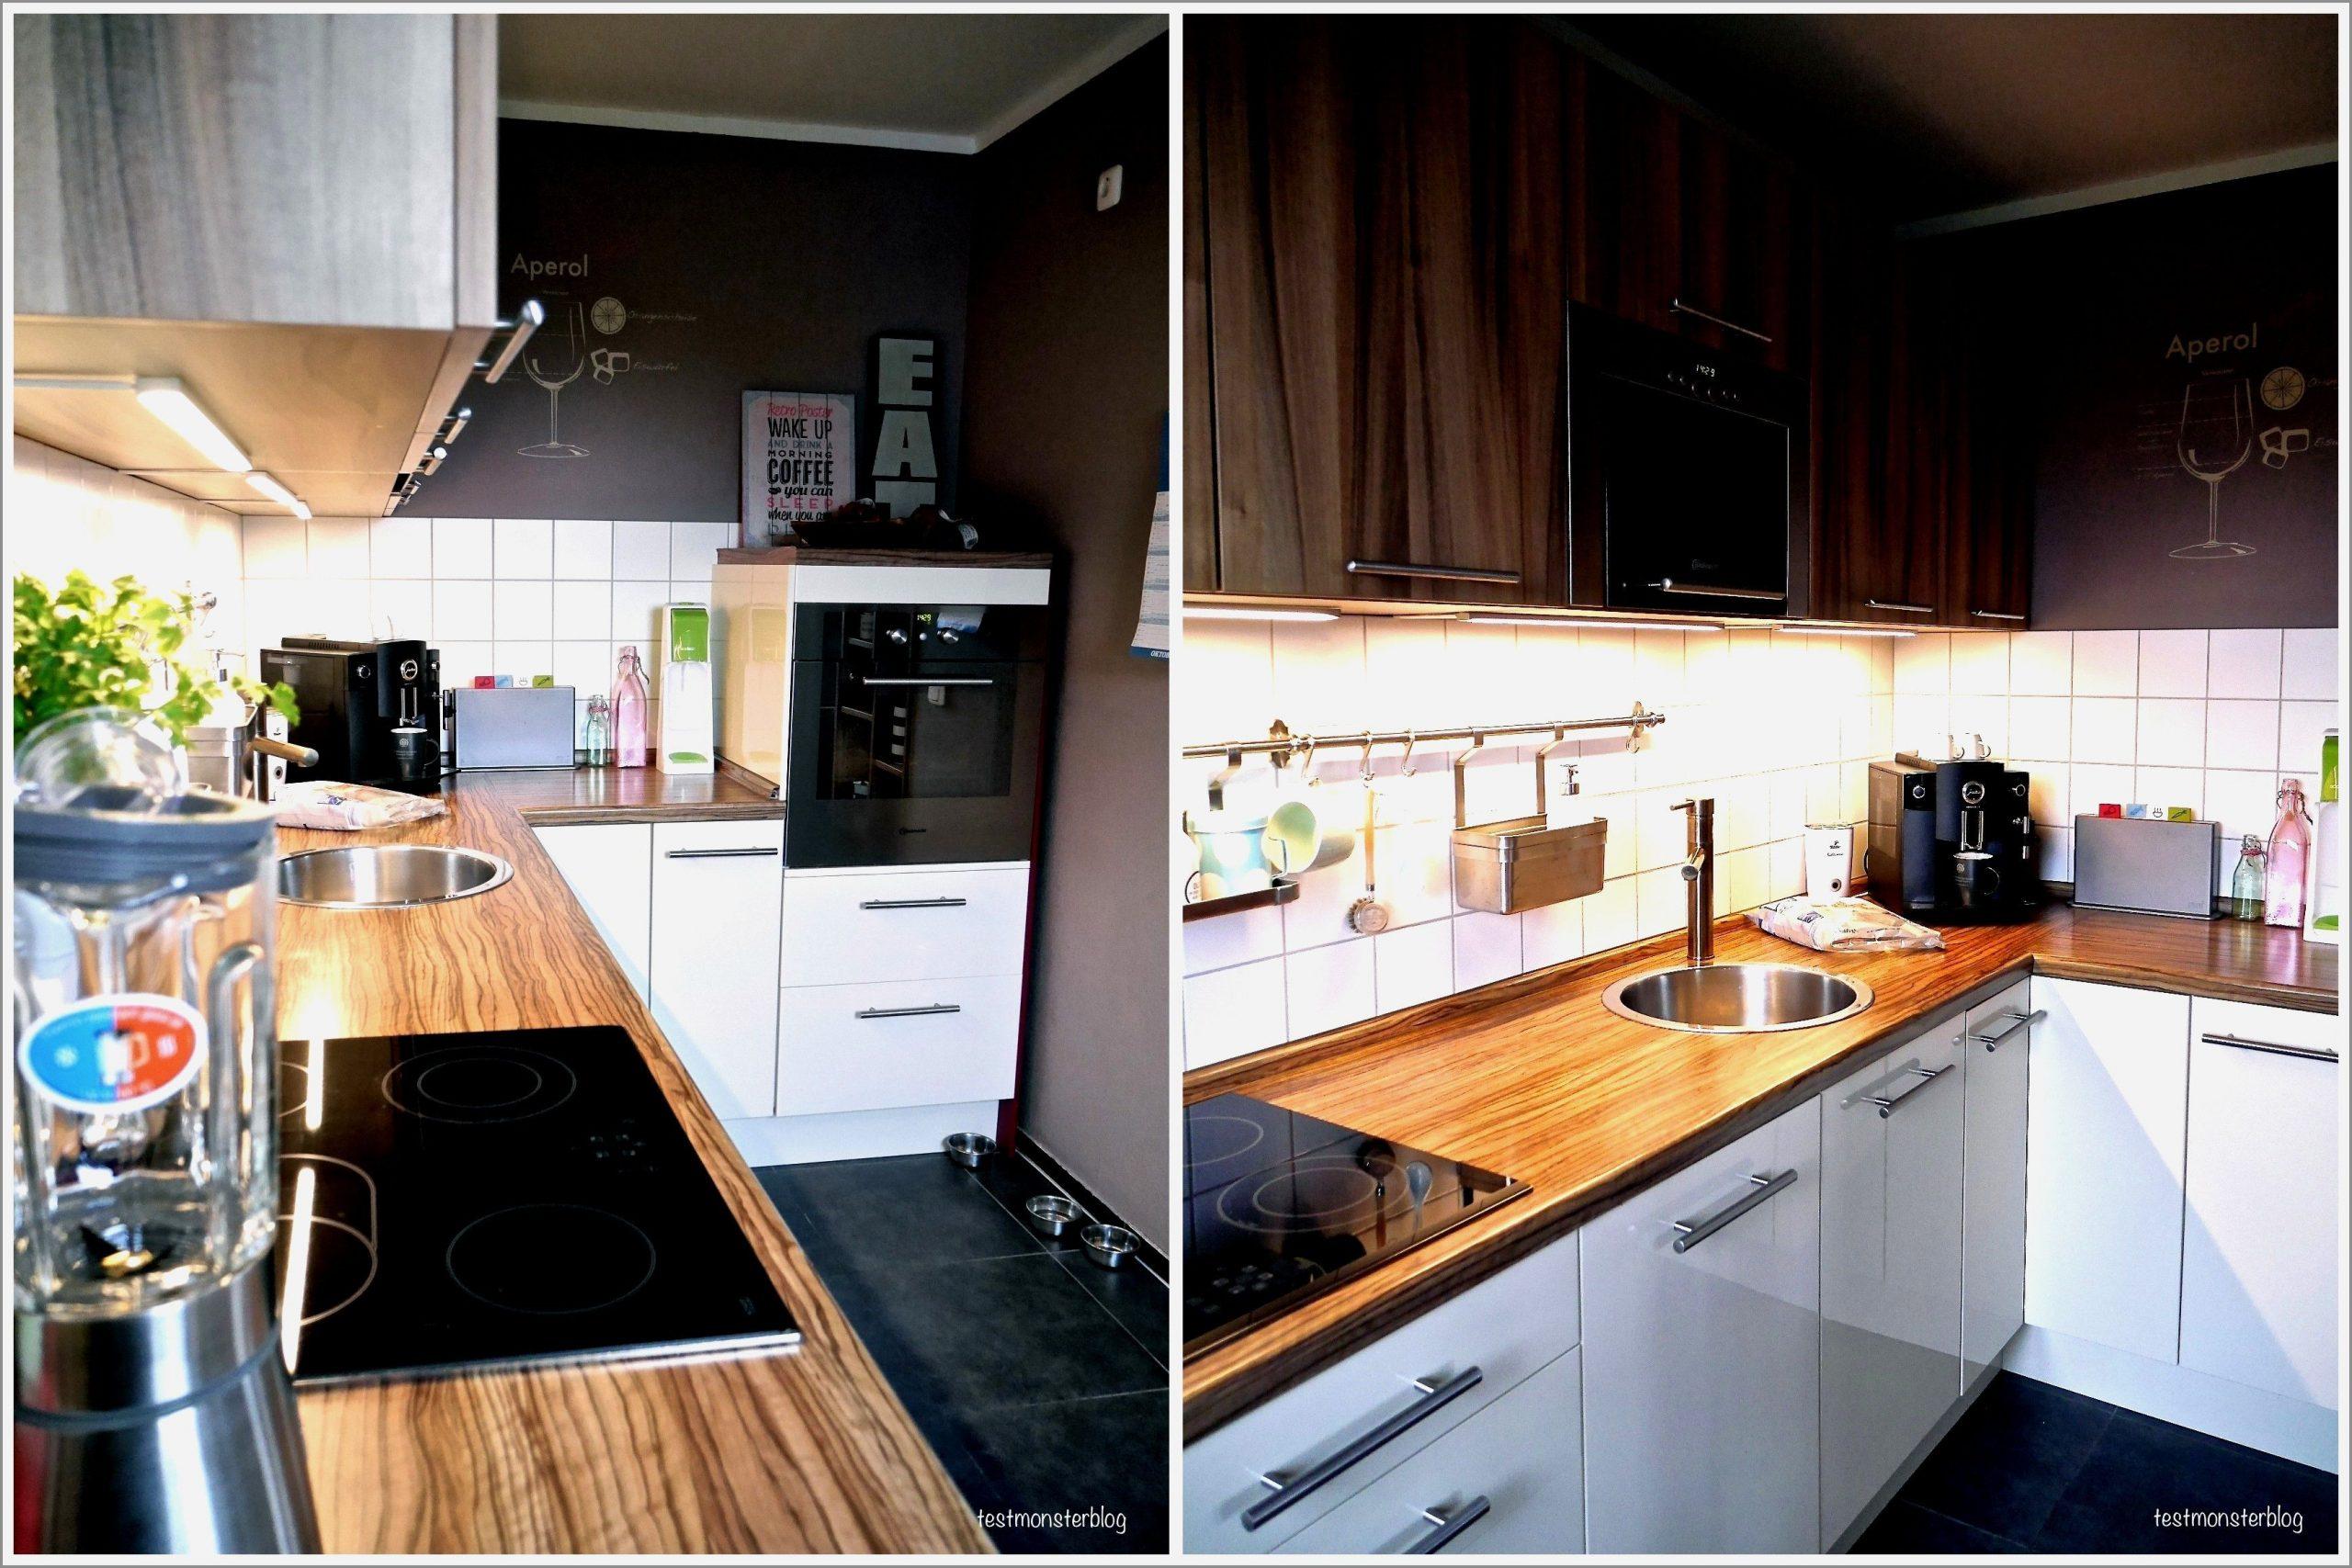 Full Size of Roller Küchen Ikea Kleine Kche Veddinge Das Beste Von Gemtlich Regale Regal Wohnzimmer Roller Küchen